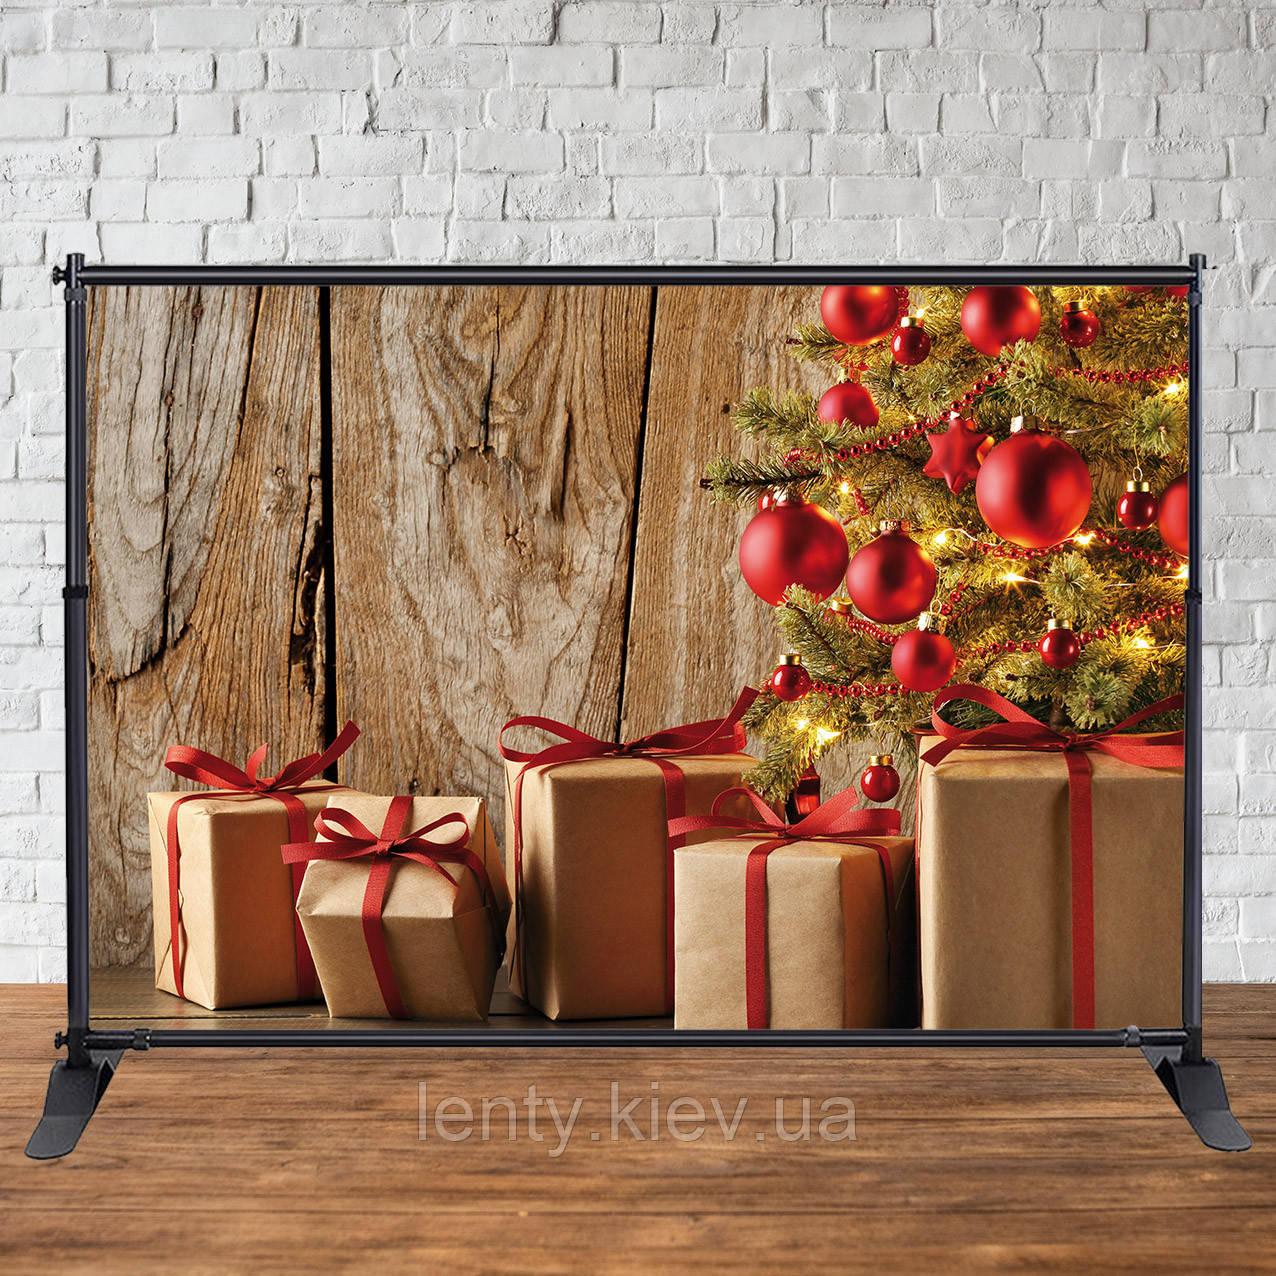 Баннер Новогодний (Деревянный фон, елка, подарки 2х3 м)